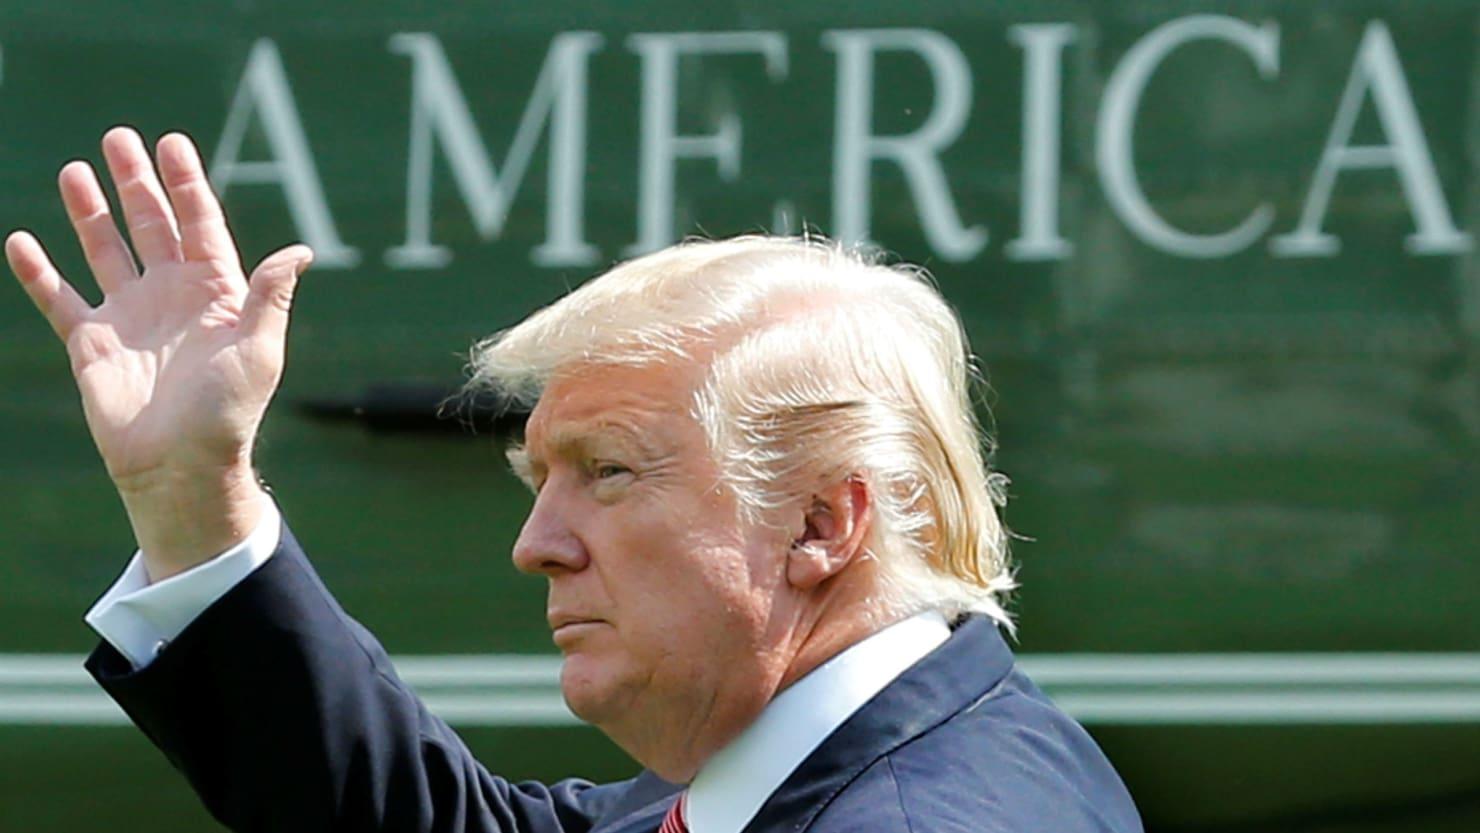 Ο Τραμπ έδωσε εντολή στις αμερικανικές εταιρίες να φύγουν από την Κίνα!